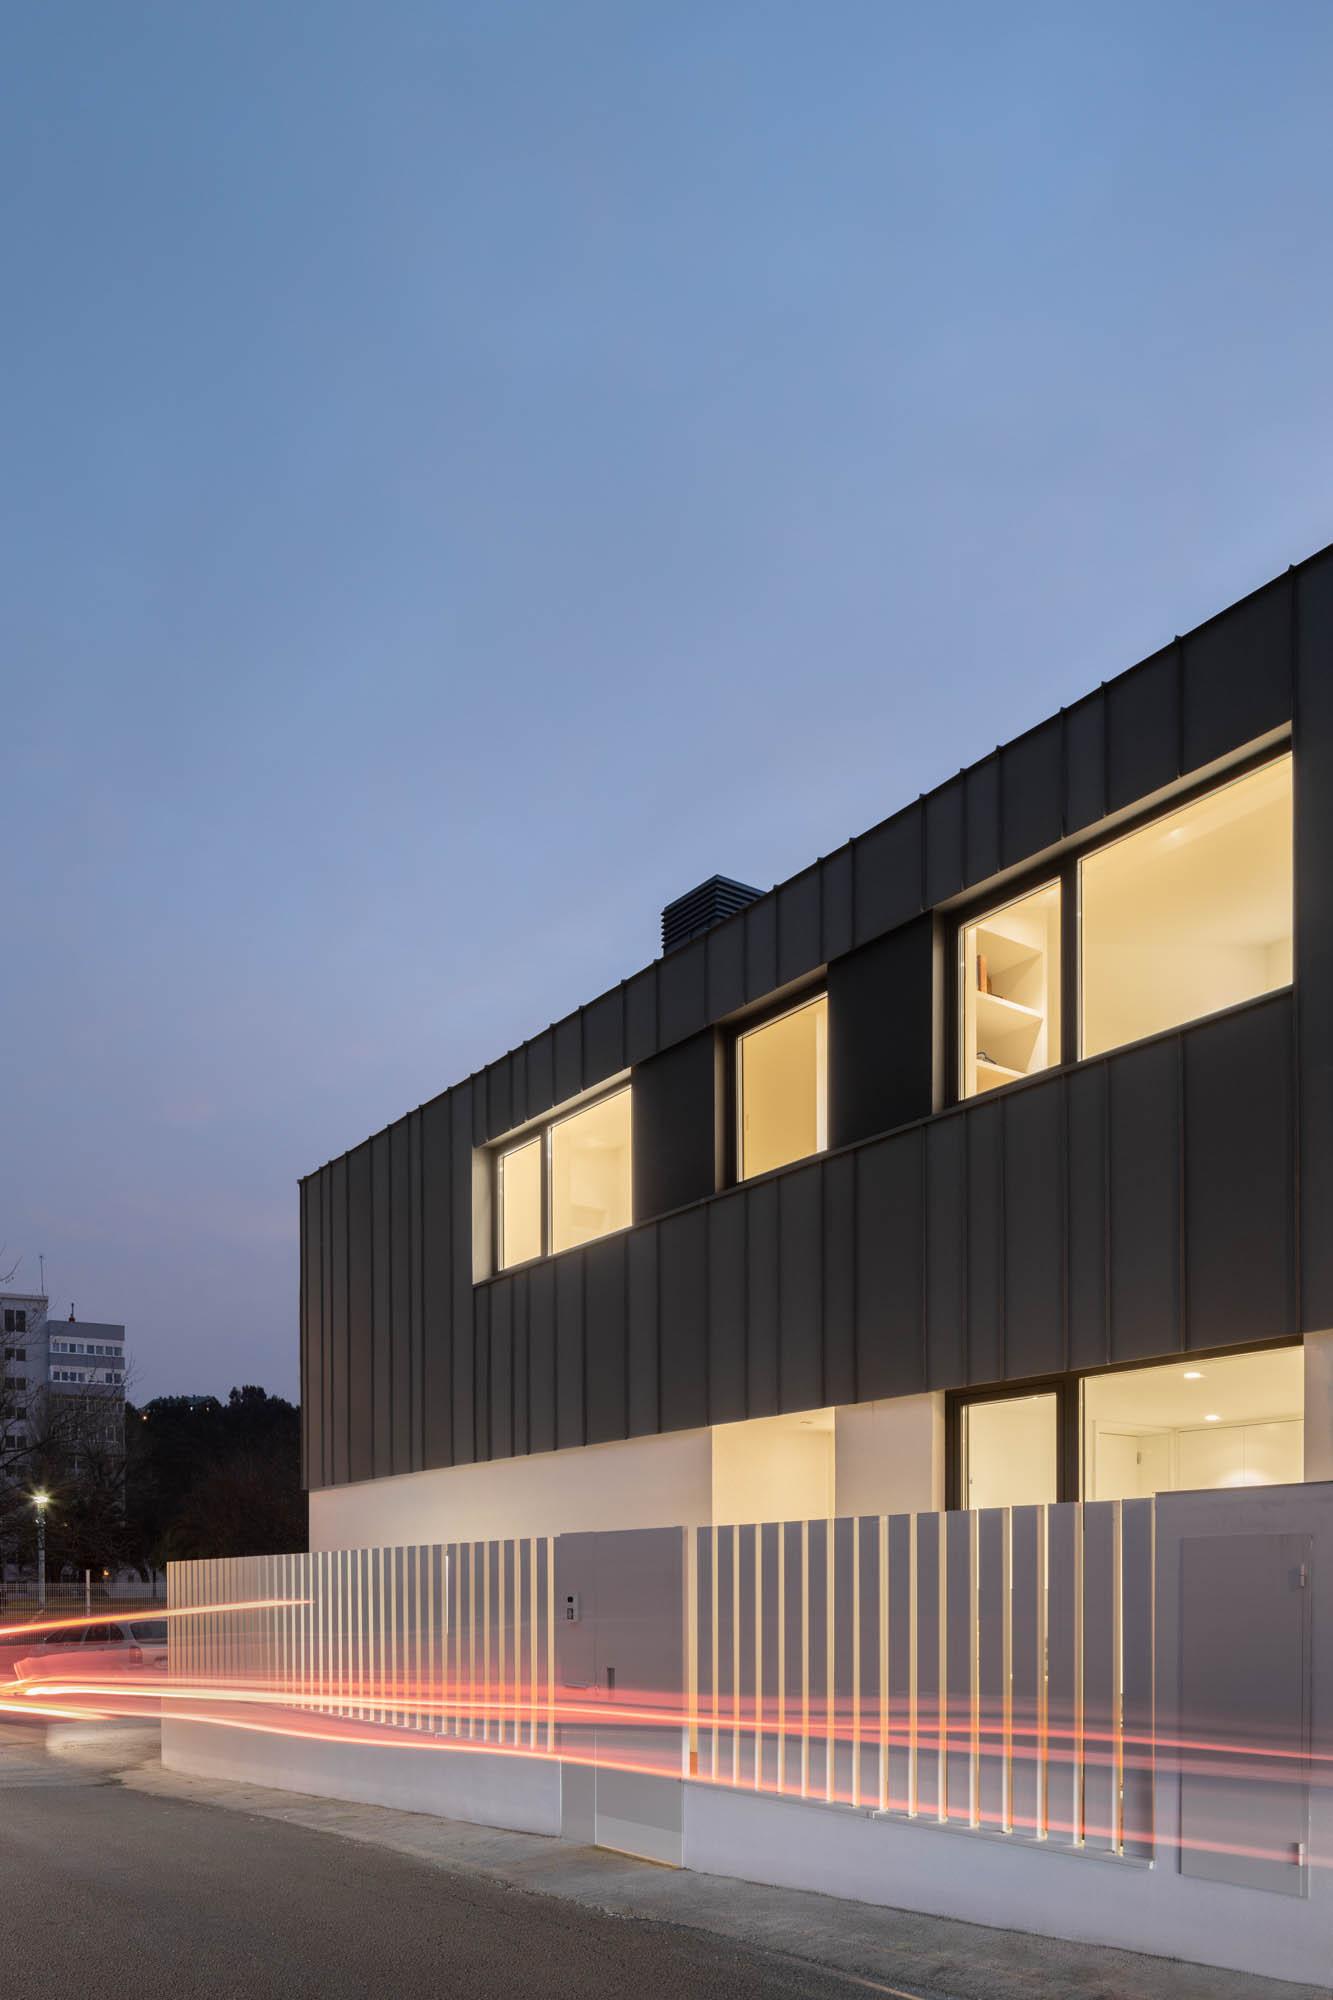 Vivienda Madreselva Em Espanha, De David Olmos Arquitectos